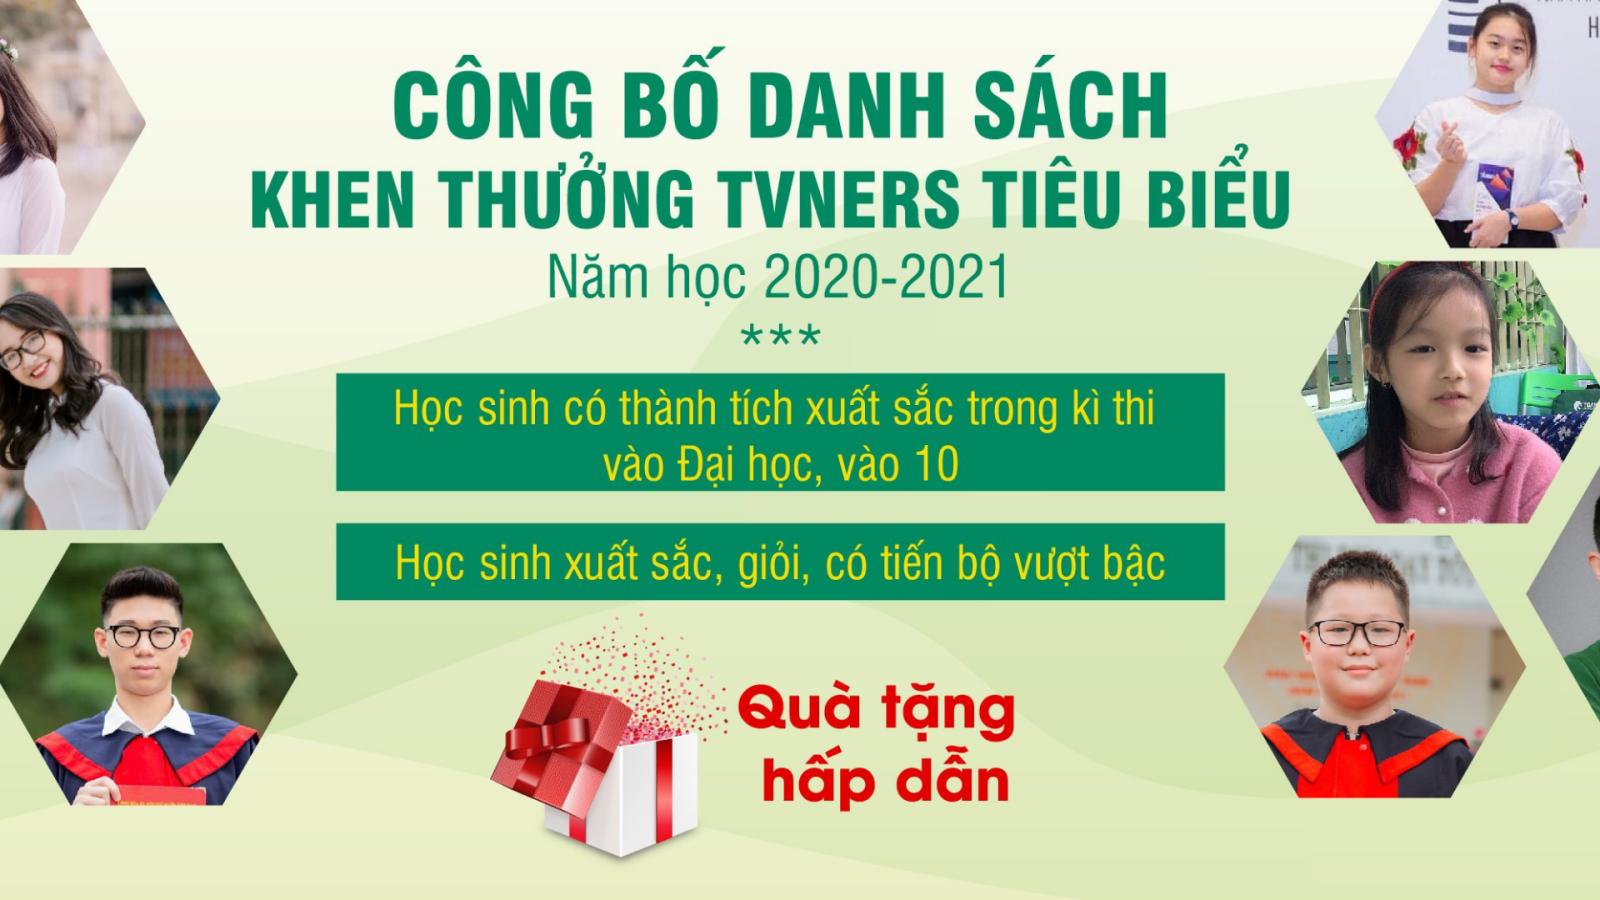 CÔNG BỐ DANH SÁCH KHEN THƯỞNG TVNERS TIÊU BIỂU NĂM HỌC 2020-2021